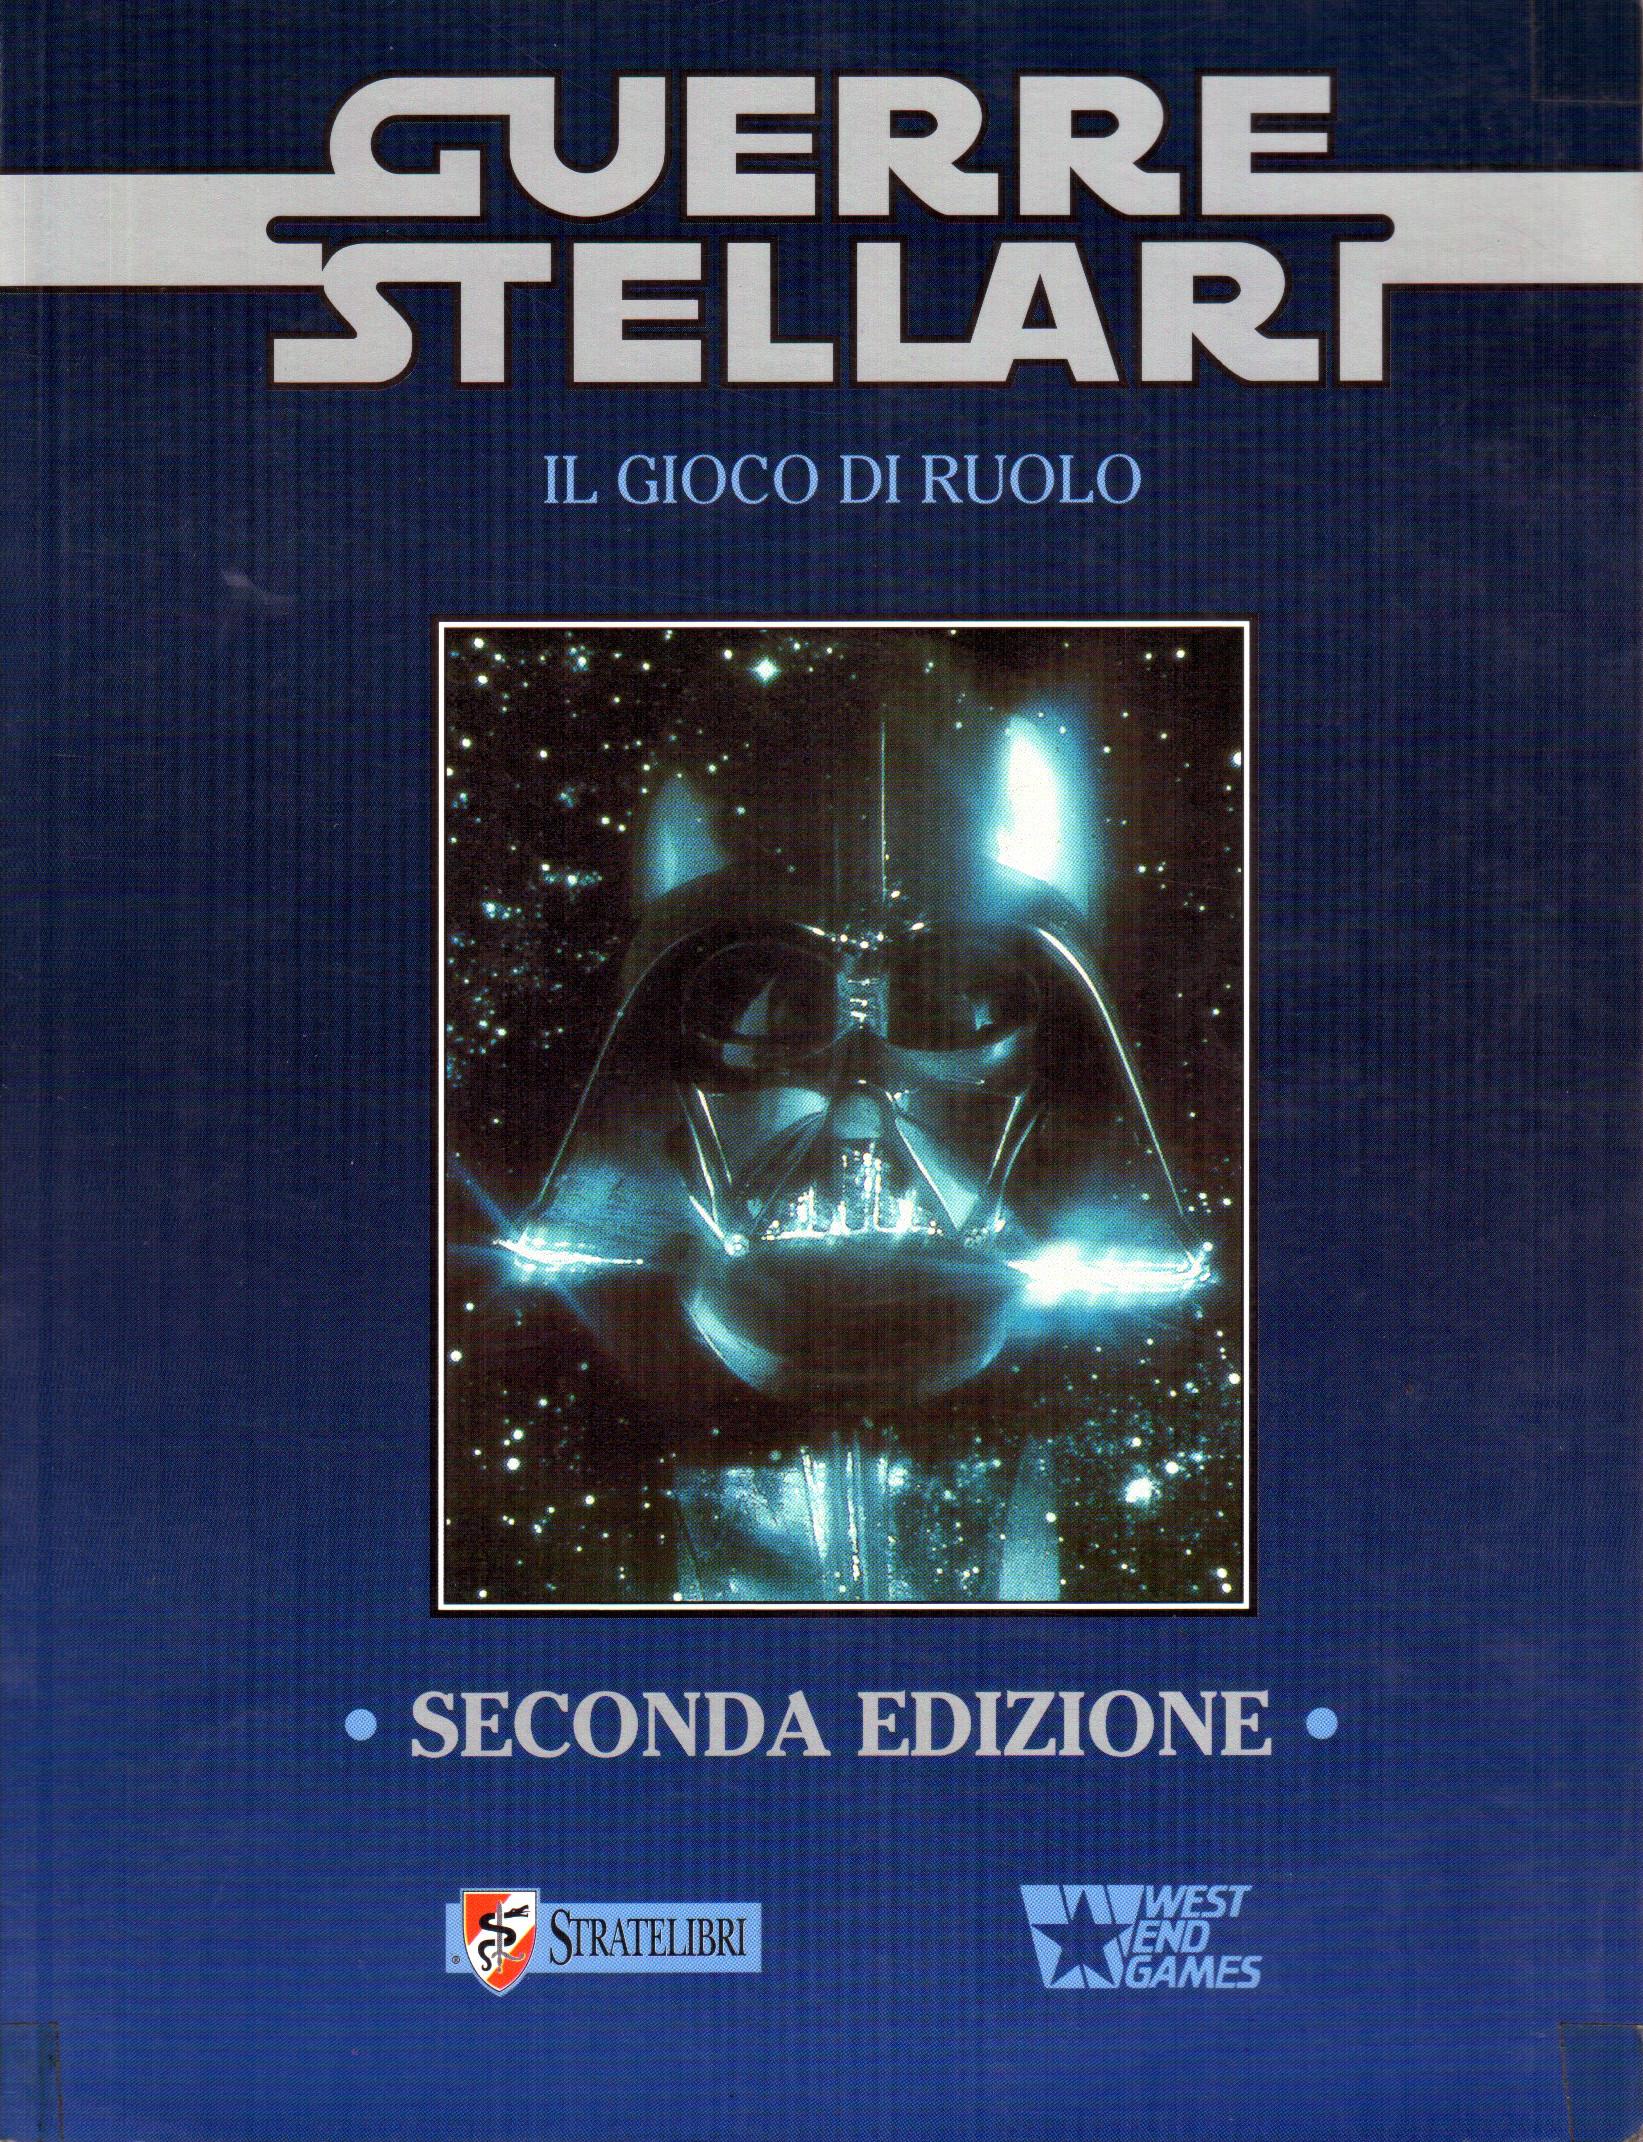 Guerre Stellari, il gioco di ruolo